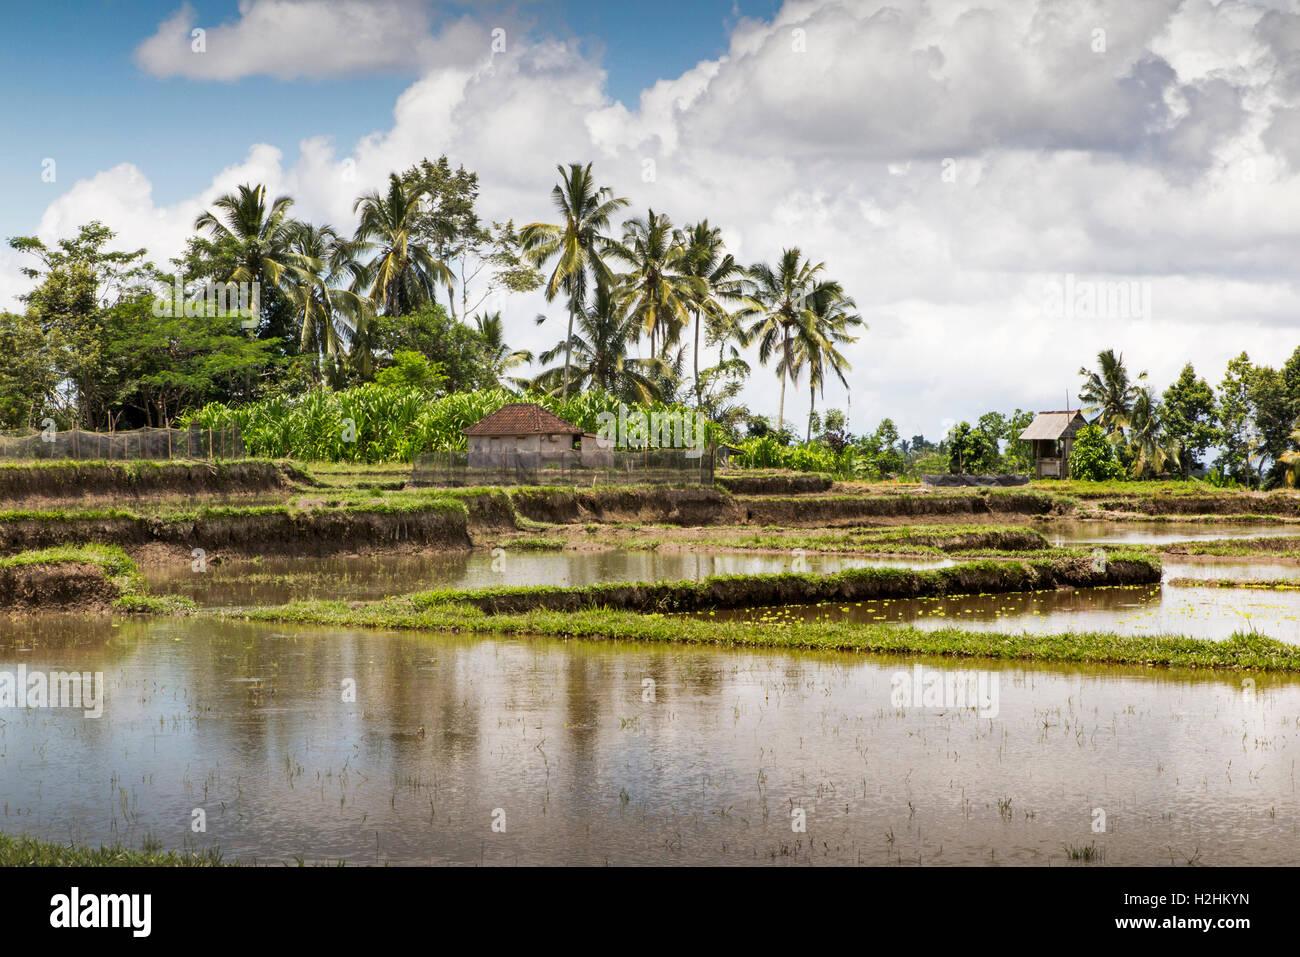 L'Indonésie, Centre de Bali, les rizières irriguées, Pupuan inondé avec de l'eau prêt Photo Stock